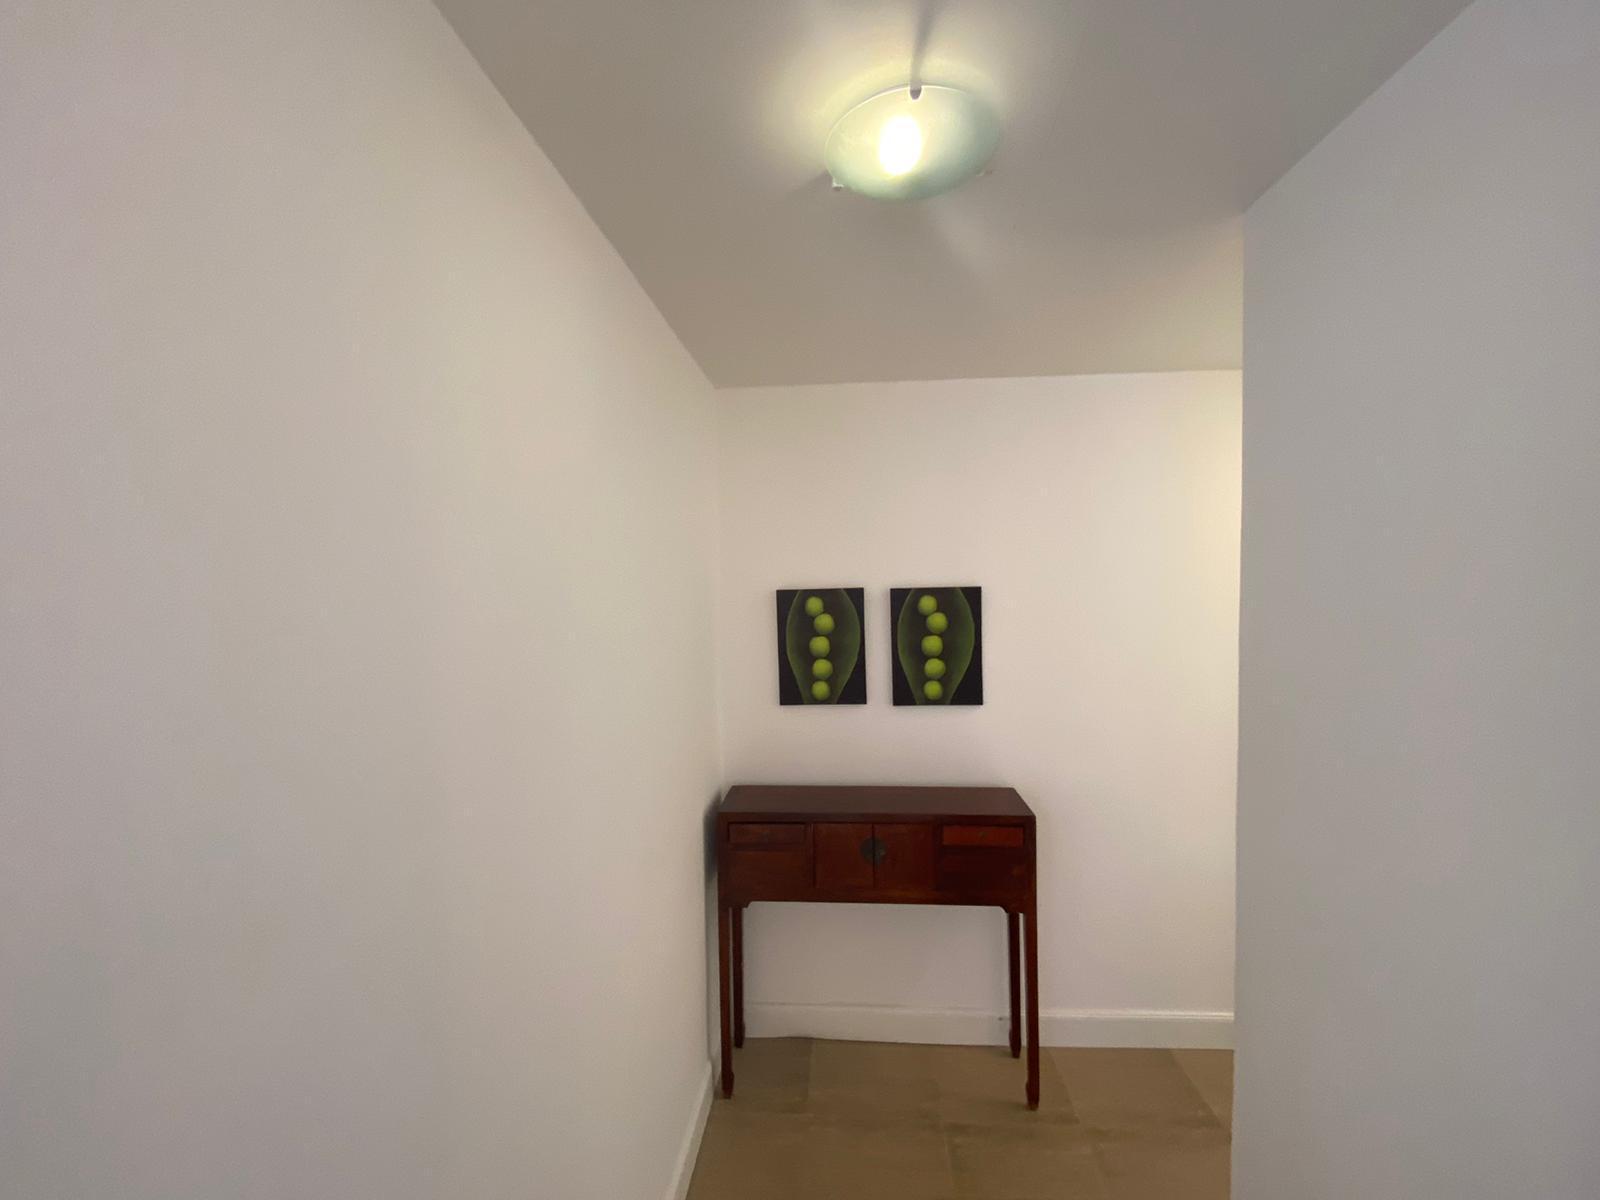 Imagen 6 del Apartamento Turístico, Ático 6 Central (3d+2b), Punta del Moral (HUELVA), Paseo de la Cruz nº22